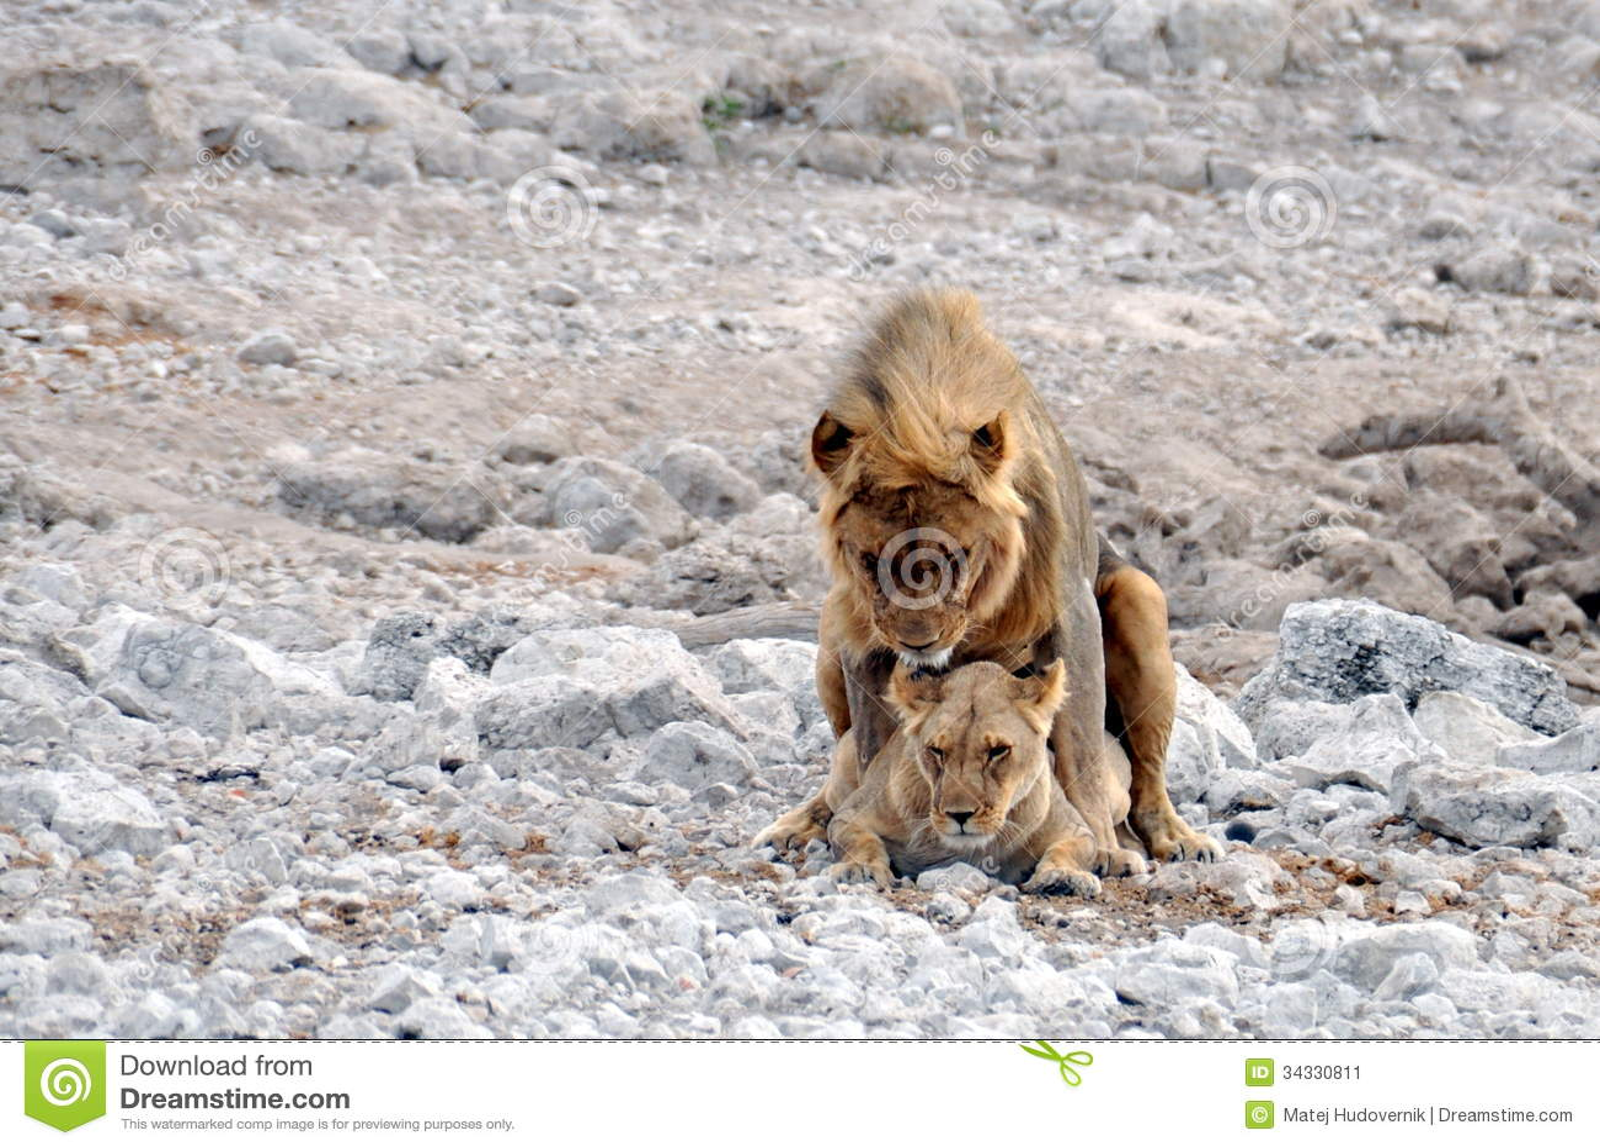 Mating Lions, Etosha National Park, Namibia Stock Image - Image Of Cats, Wild 34330811-1064